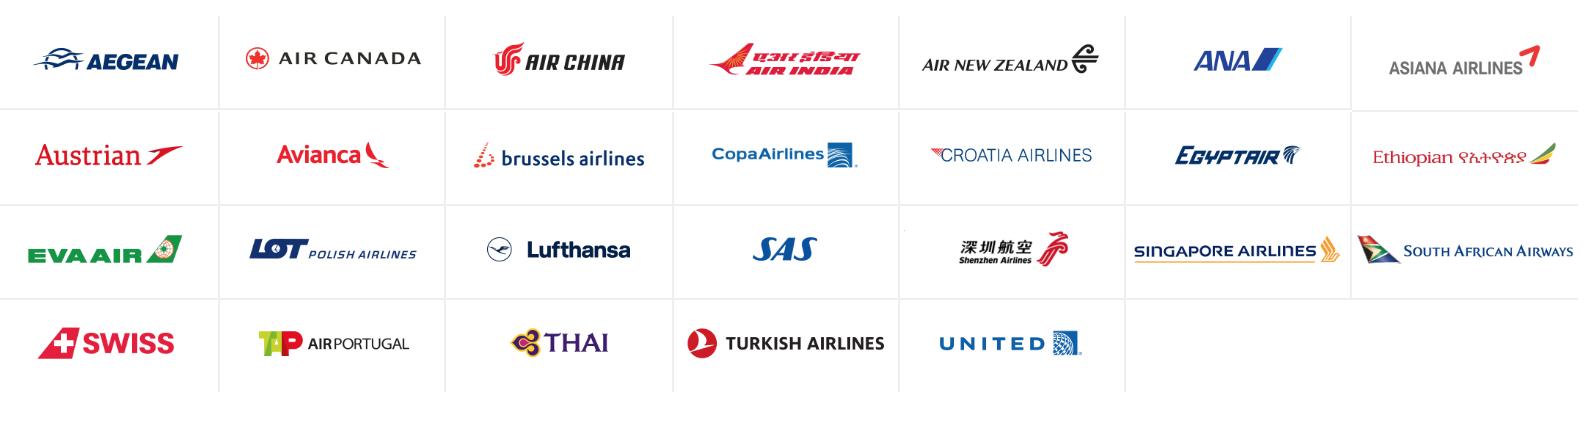 飛行常客計劃:星空聯盟旗下的航空公司總覽